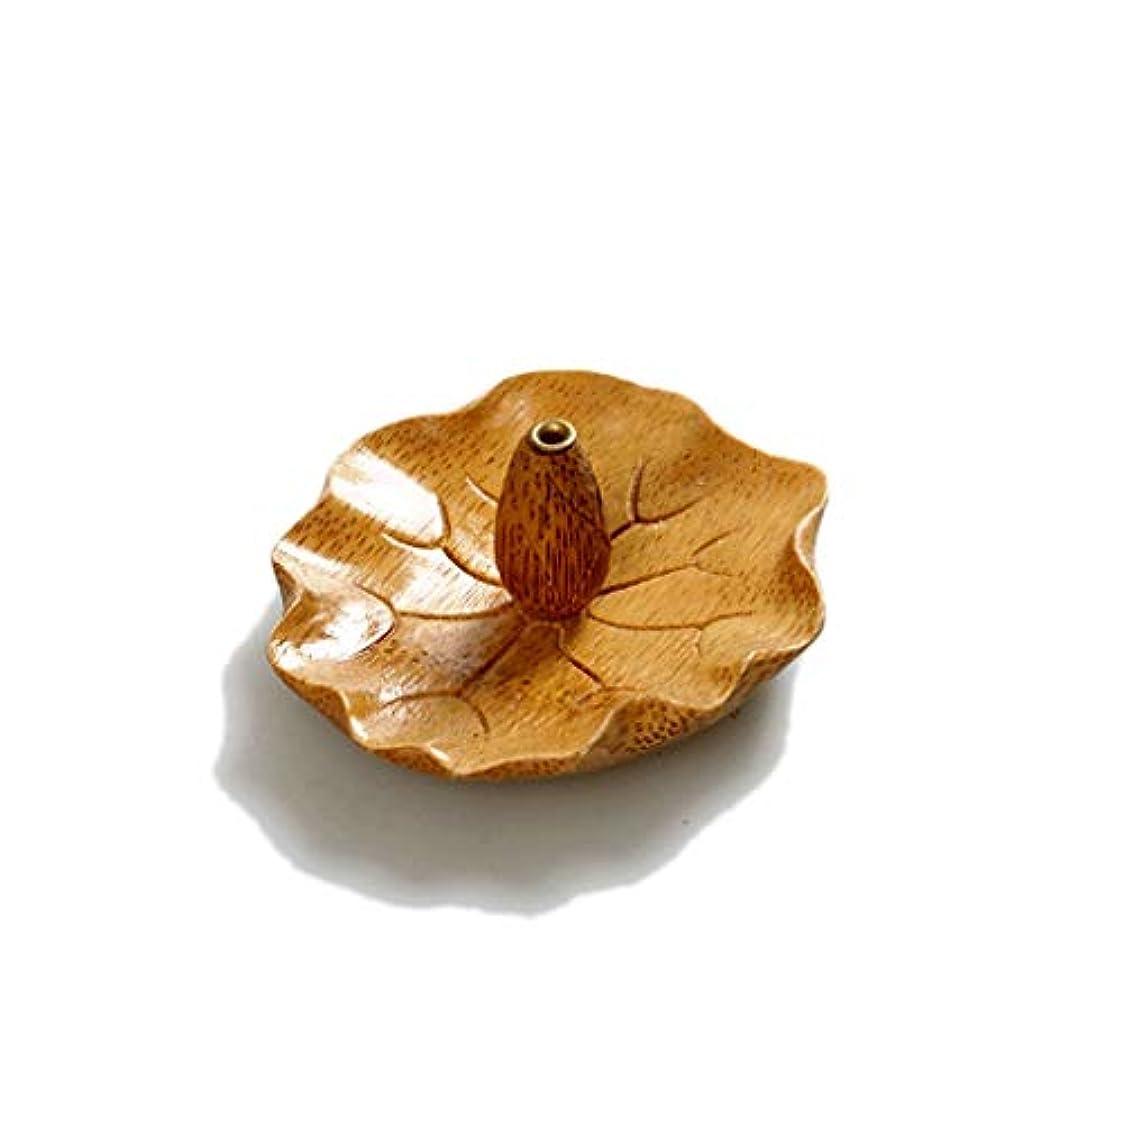 宙返り一抽象化クリエイティブ竹香ホルダー瞑想香バーナー手作りの葉形の家の装飾香スティックコーンバーナーホルダー (Color : C)